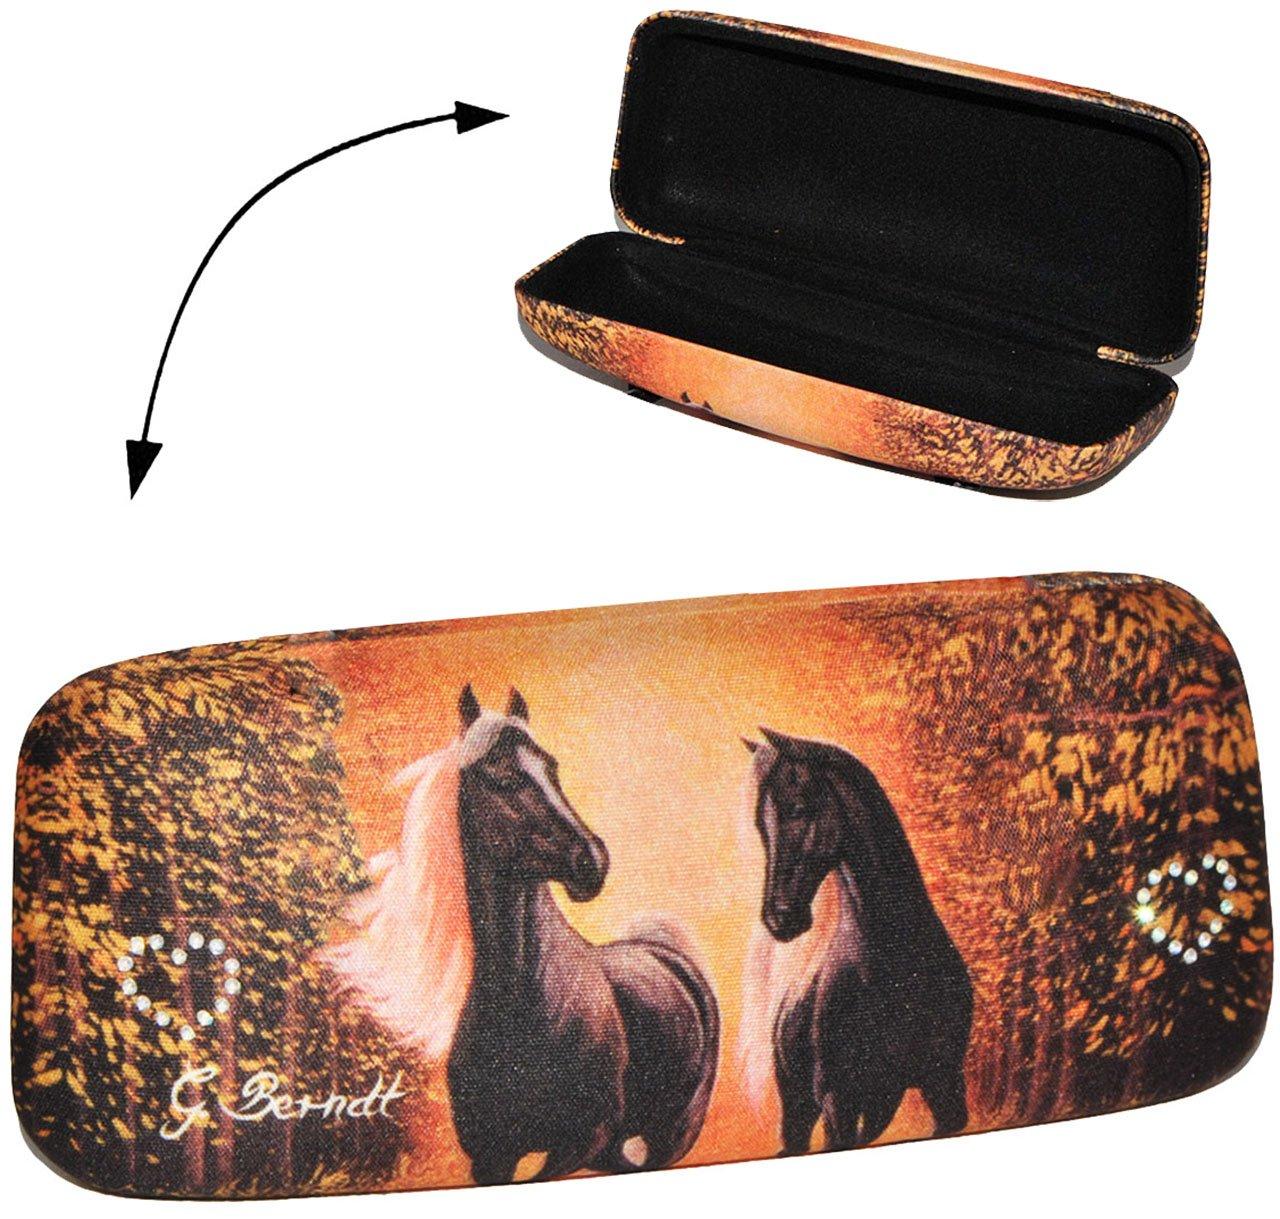 alles-meine.de GmbH 2 in 1: Hartschale als Brillenetui / Kleine Tasche - Pferde Araber Pferd - 2. Wahl - Hardcase - Etui Brille - für Kinder & Erwachsene - extrem stabil